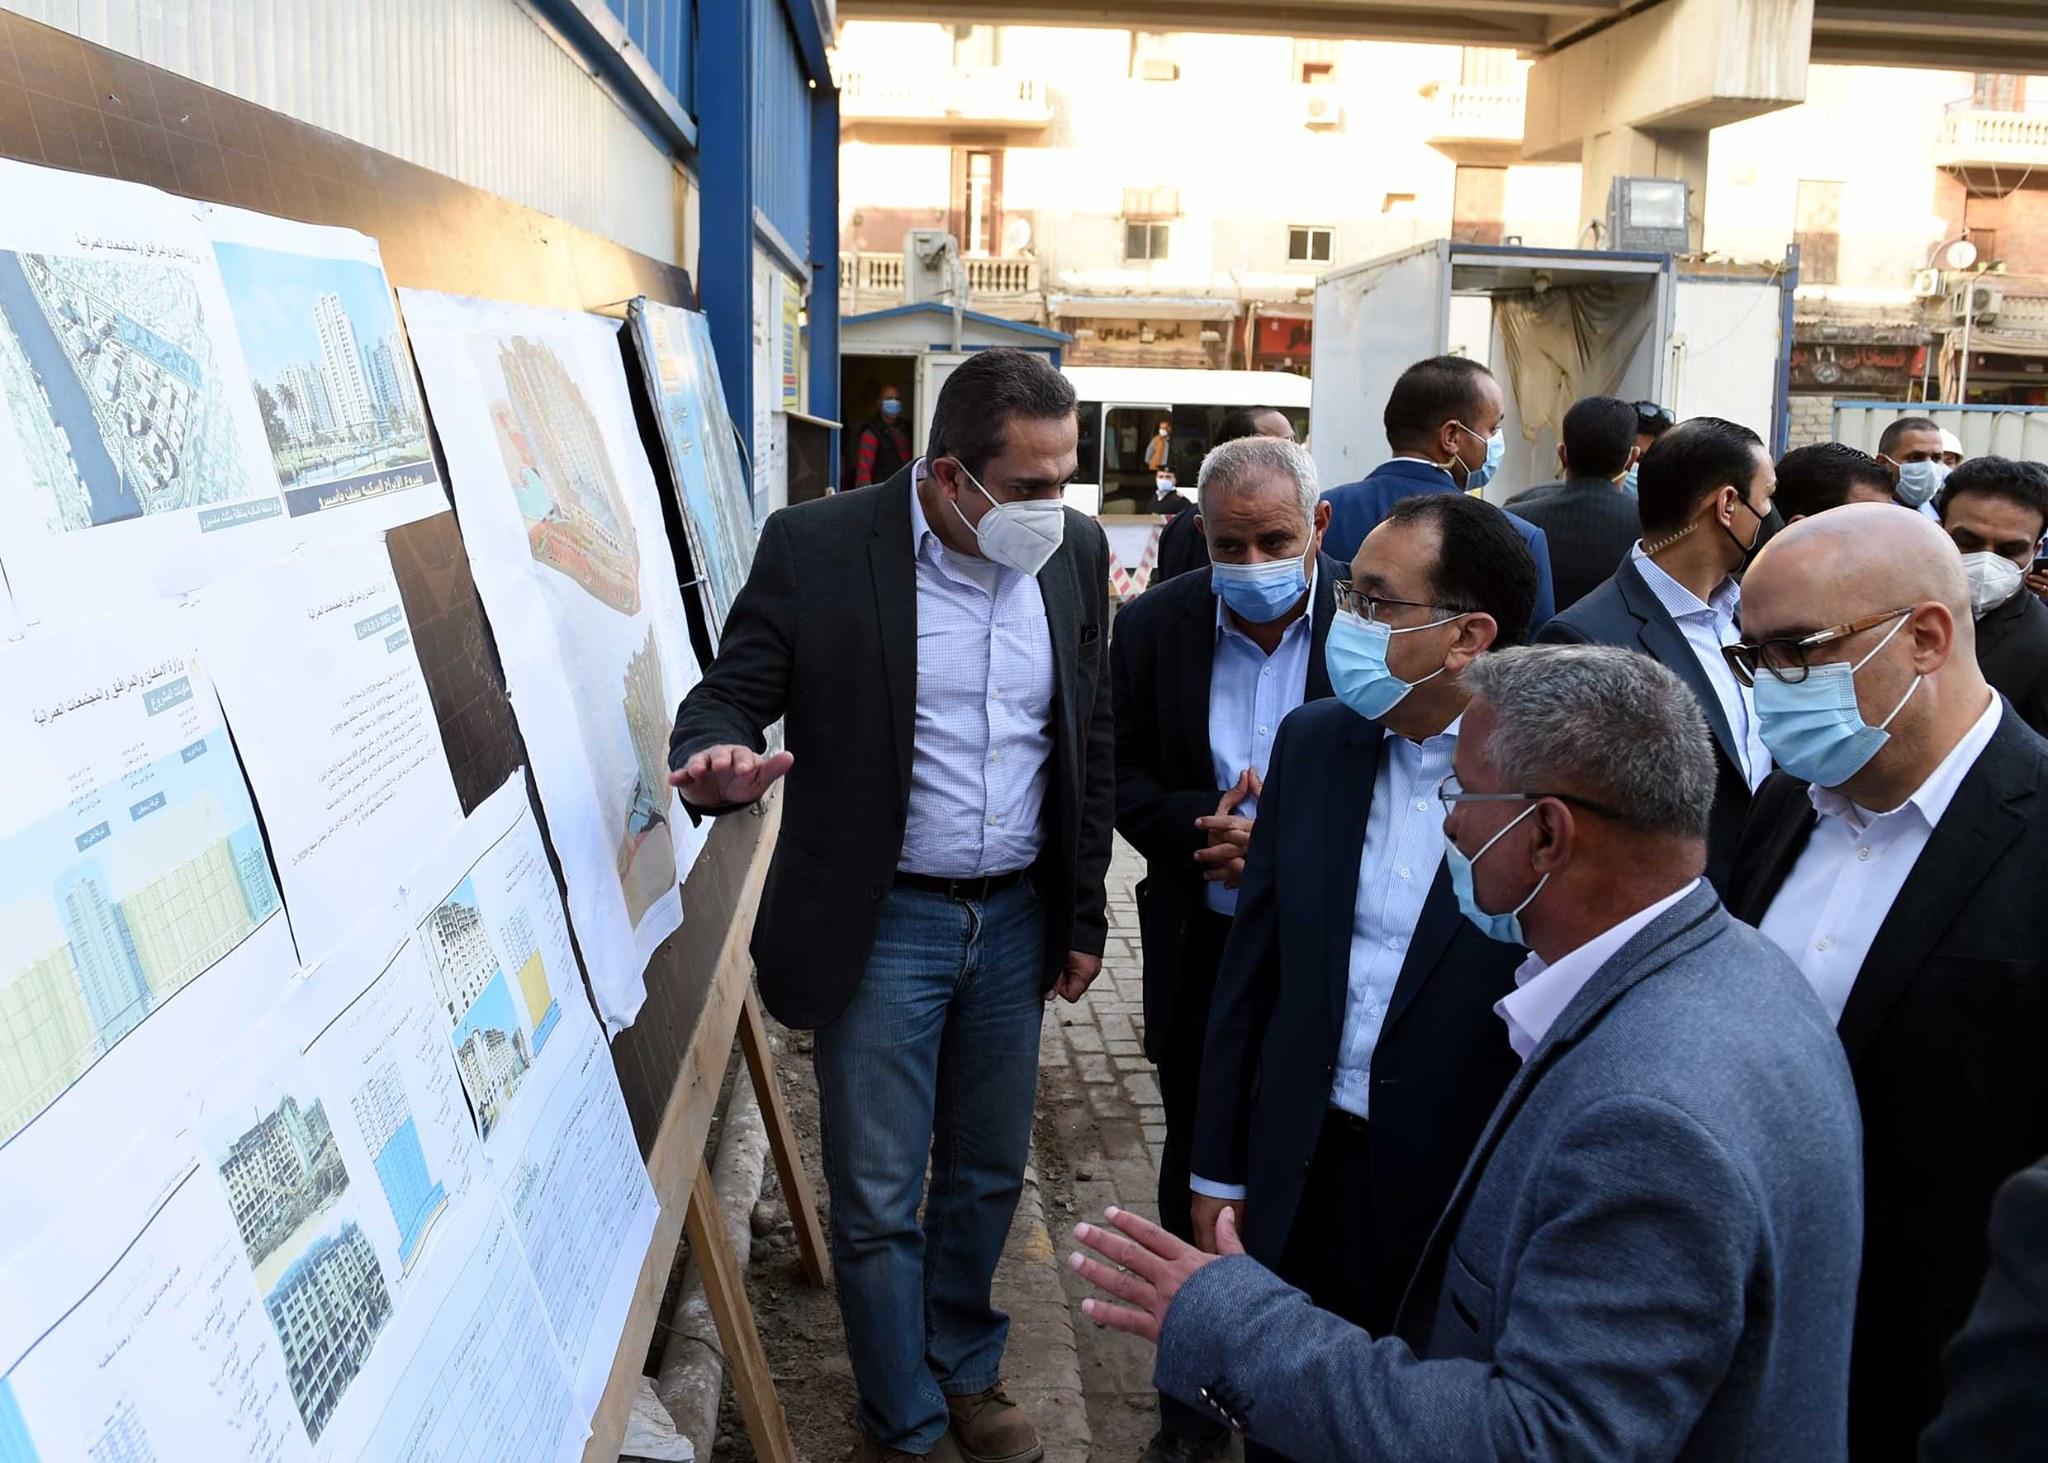 صور | رئيس الوزراء يتفقد مشروع تطوير منطقة مثلث ماسبيرو